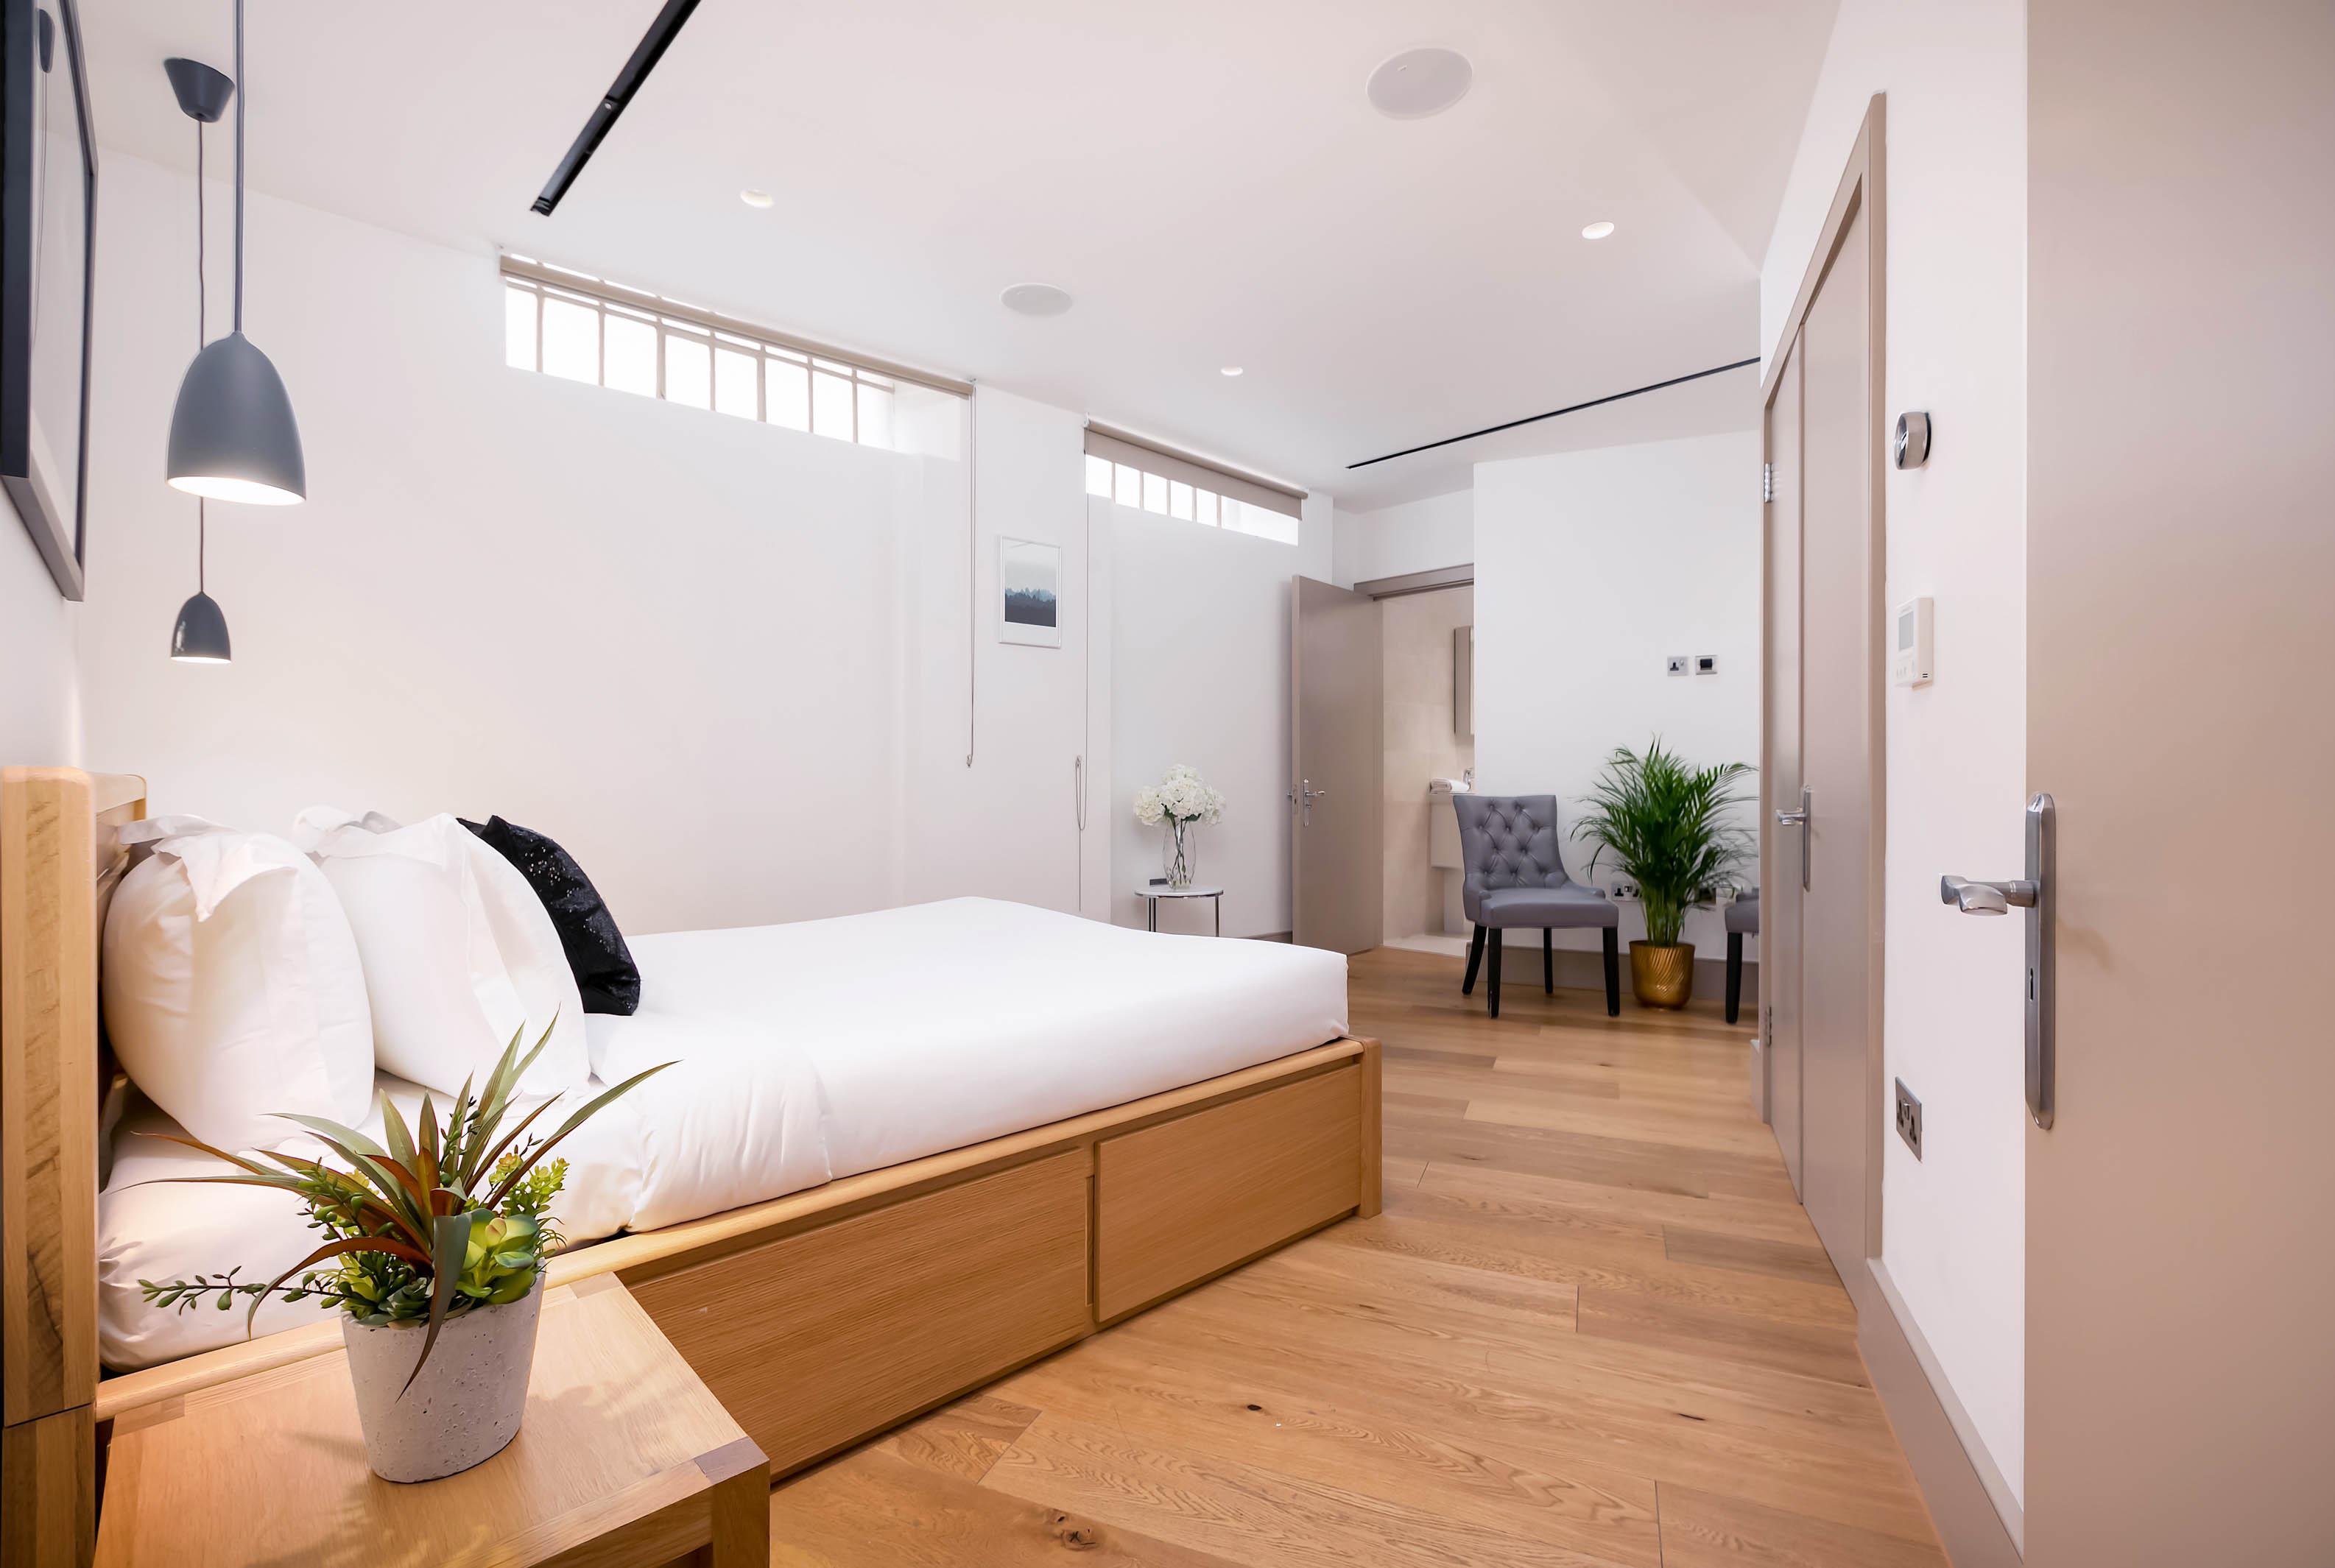 Lovelydays luxury service apartment rental - London - Fitzrovia - Wells Mews B - Lovelysuite - 2 bedrooms - 2 bathrooms - Double bed - aece0b76ba9d - Lovelydays